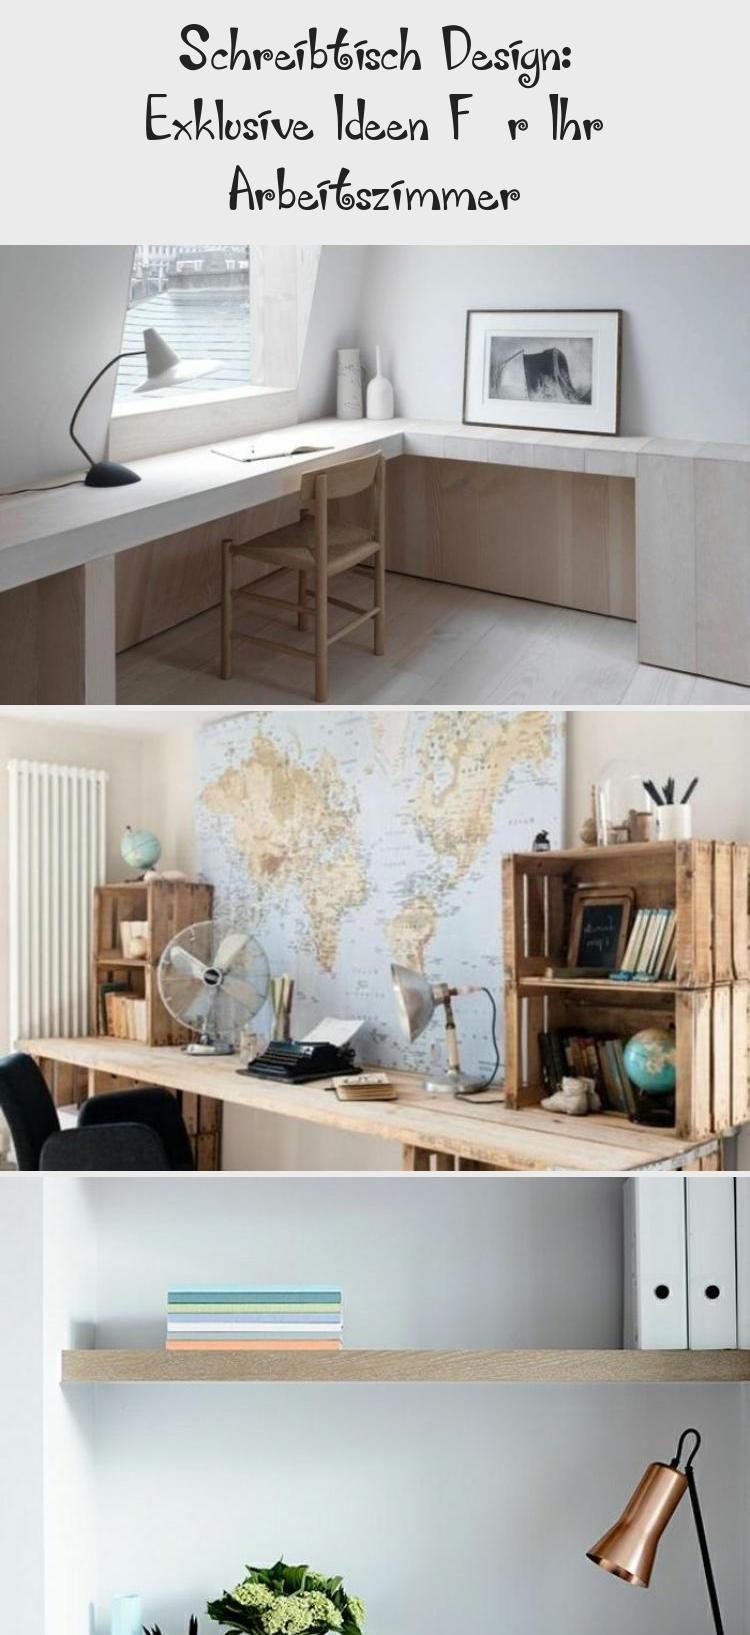 Schreibtischdesign Exklusive Ideen Fur Ihr Arbeitszimmer Dekoration In 2021 Design Schreibtisch Produktdesign Schreibtisch Weiss Holz